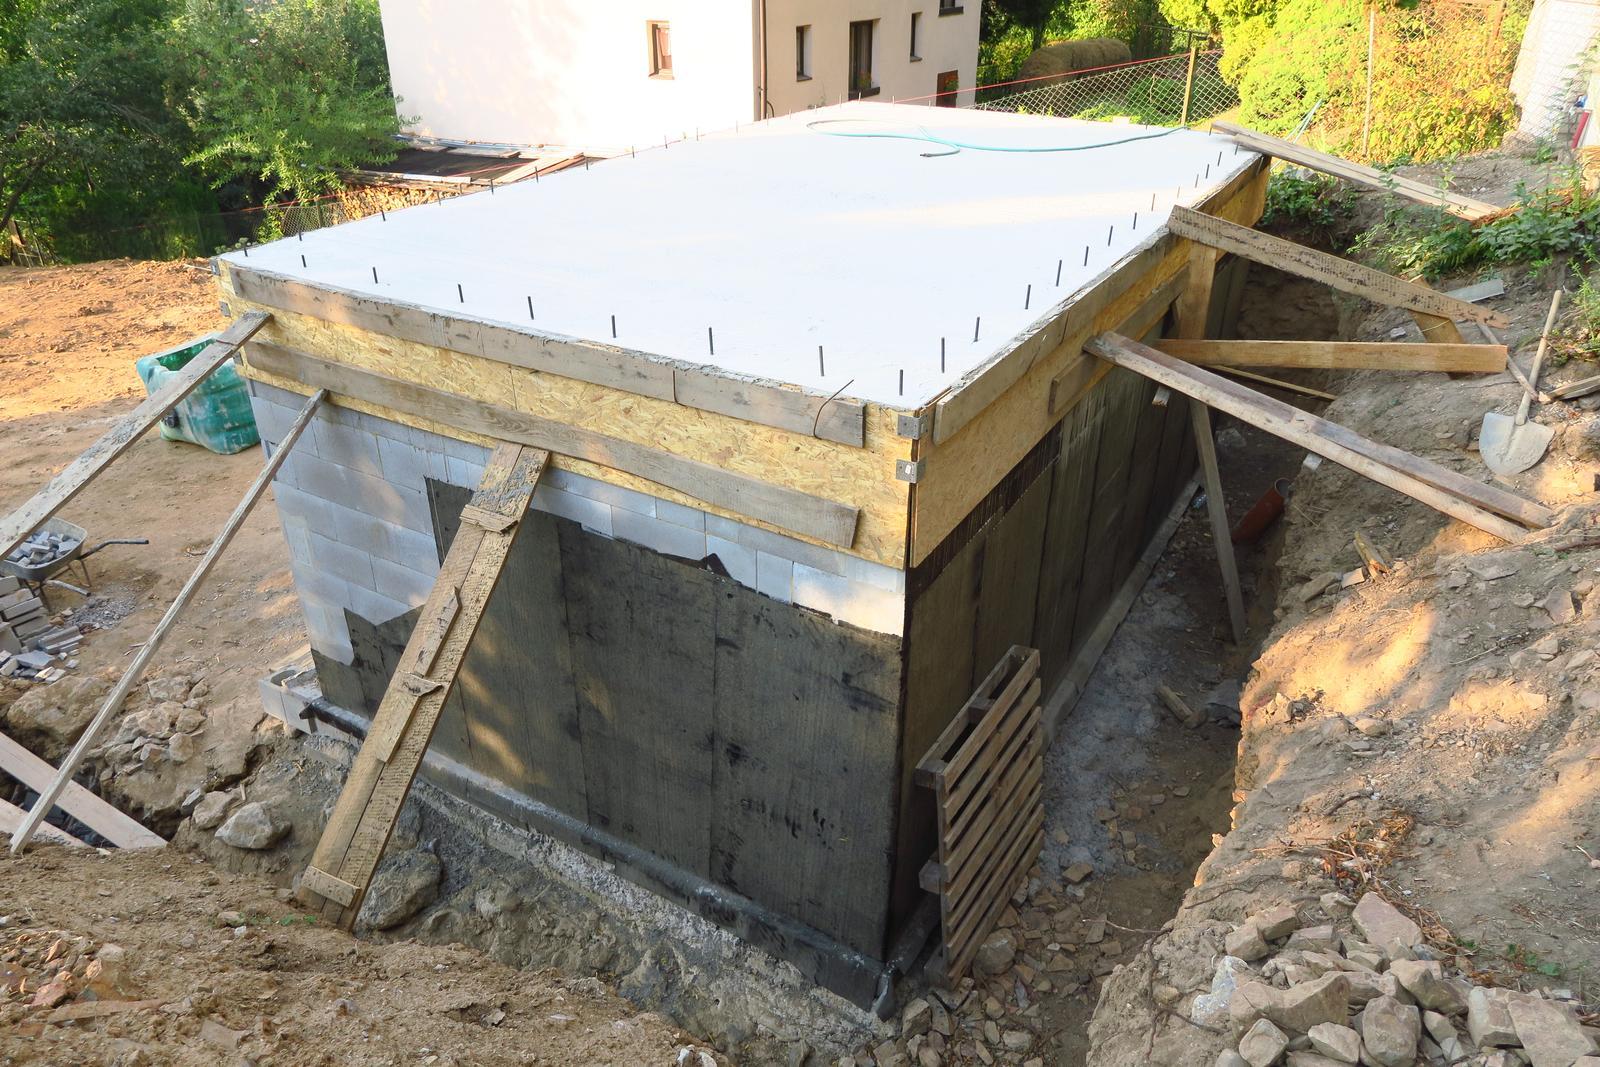 Stavba našeho bungalovu ve svahu - Obrázek č. 16